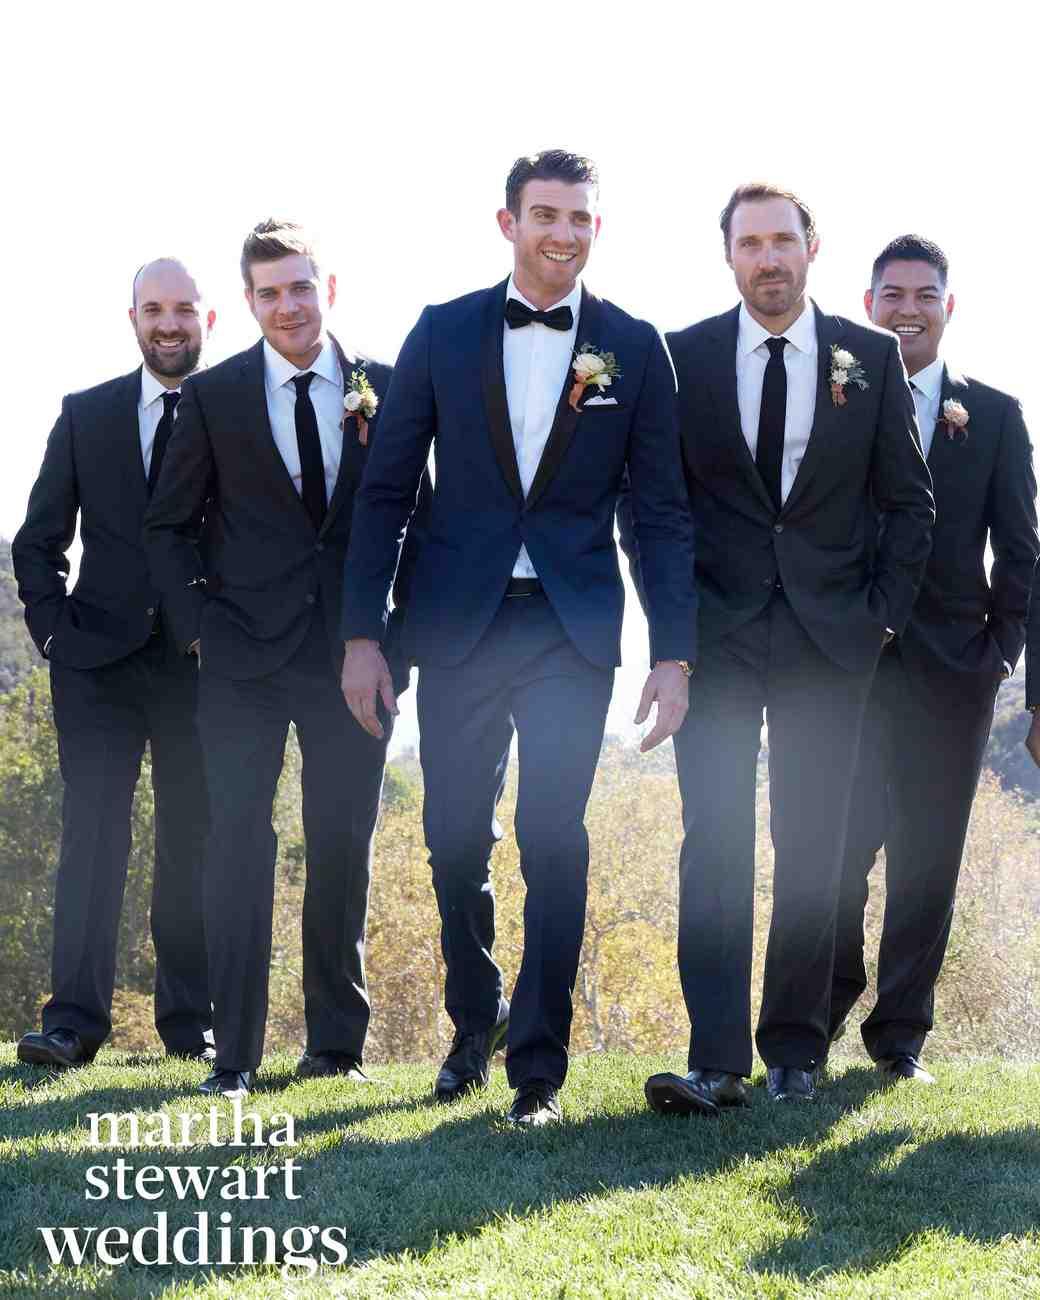 jamie-bryan-wedding-21-wedding-party-groomsmen-2093-d112664.jpg